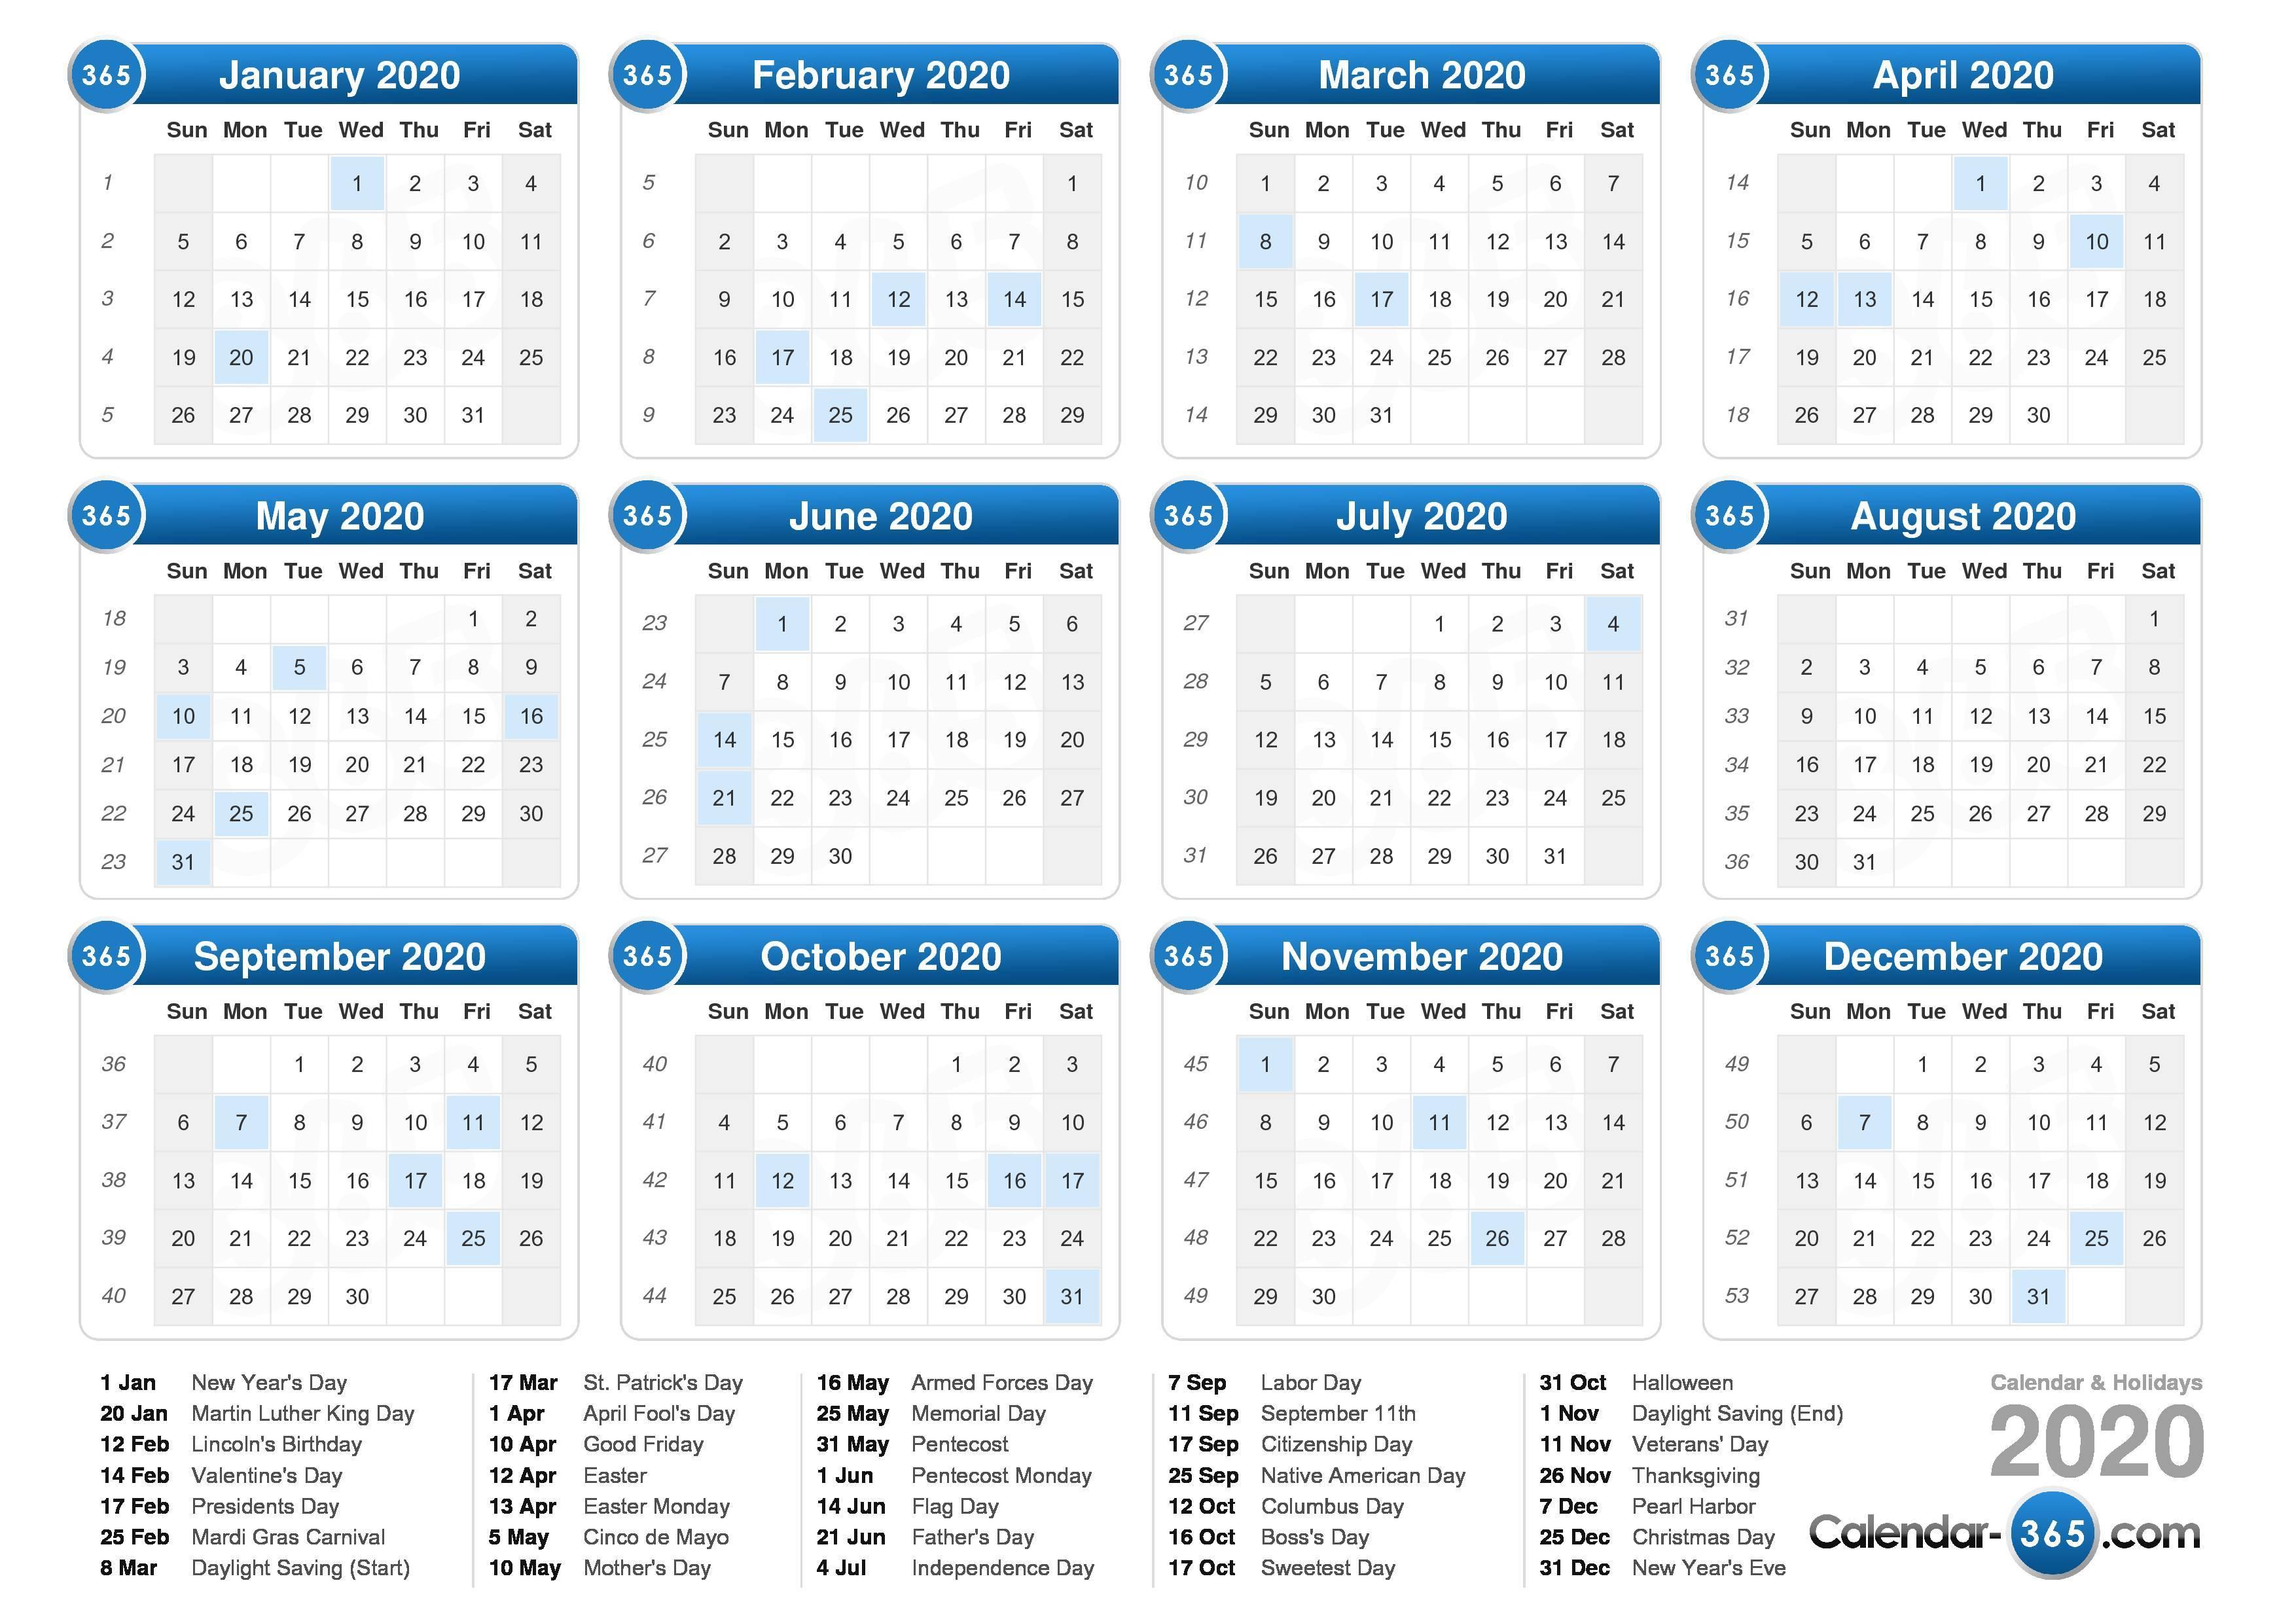 2020 Calendar Legal Holidays